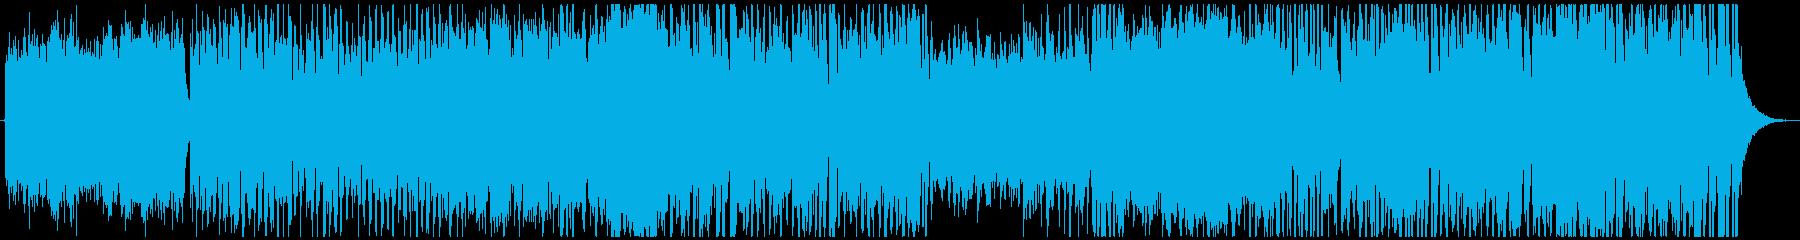 生ヴァイオリン収録!かっこいい疾走感の再生済みの波形